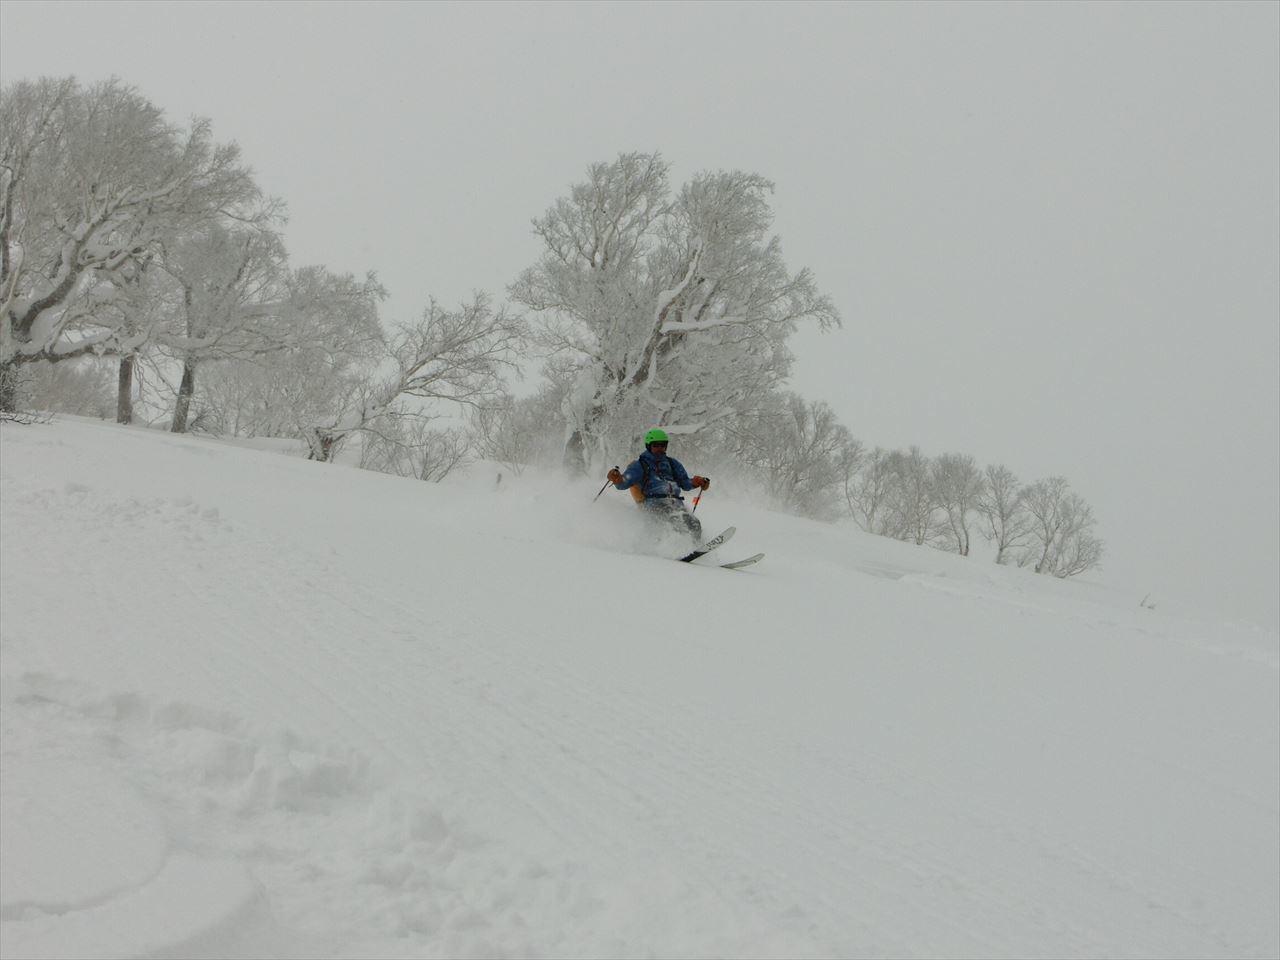 2017年1月21日朝里岳を滑る-2_c0242406_11435925.jpg